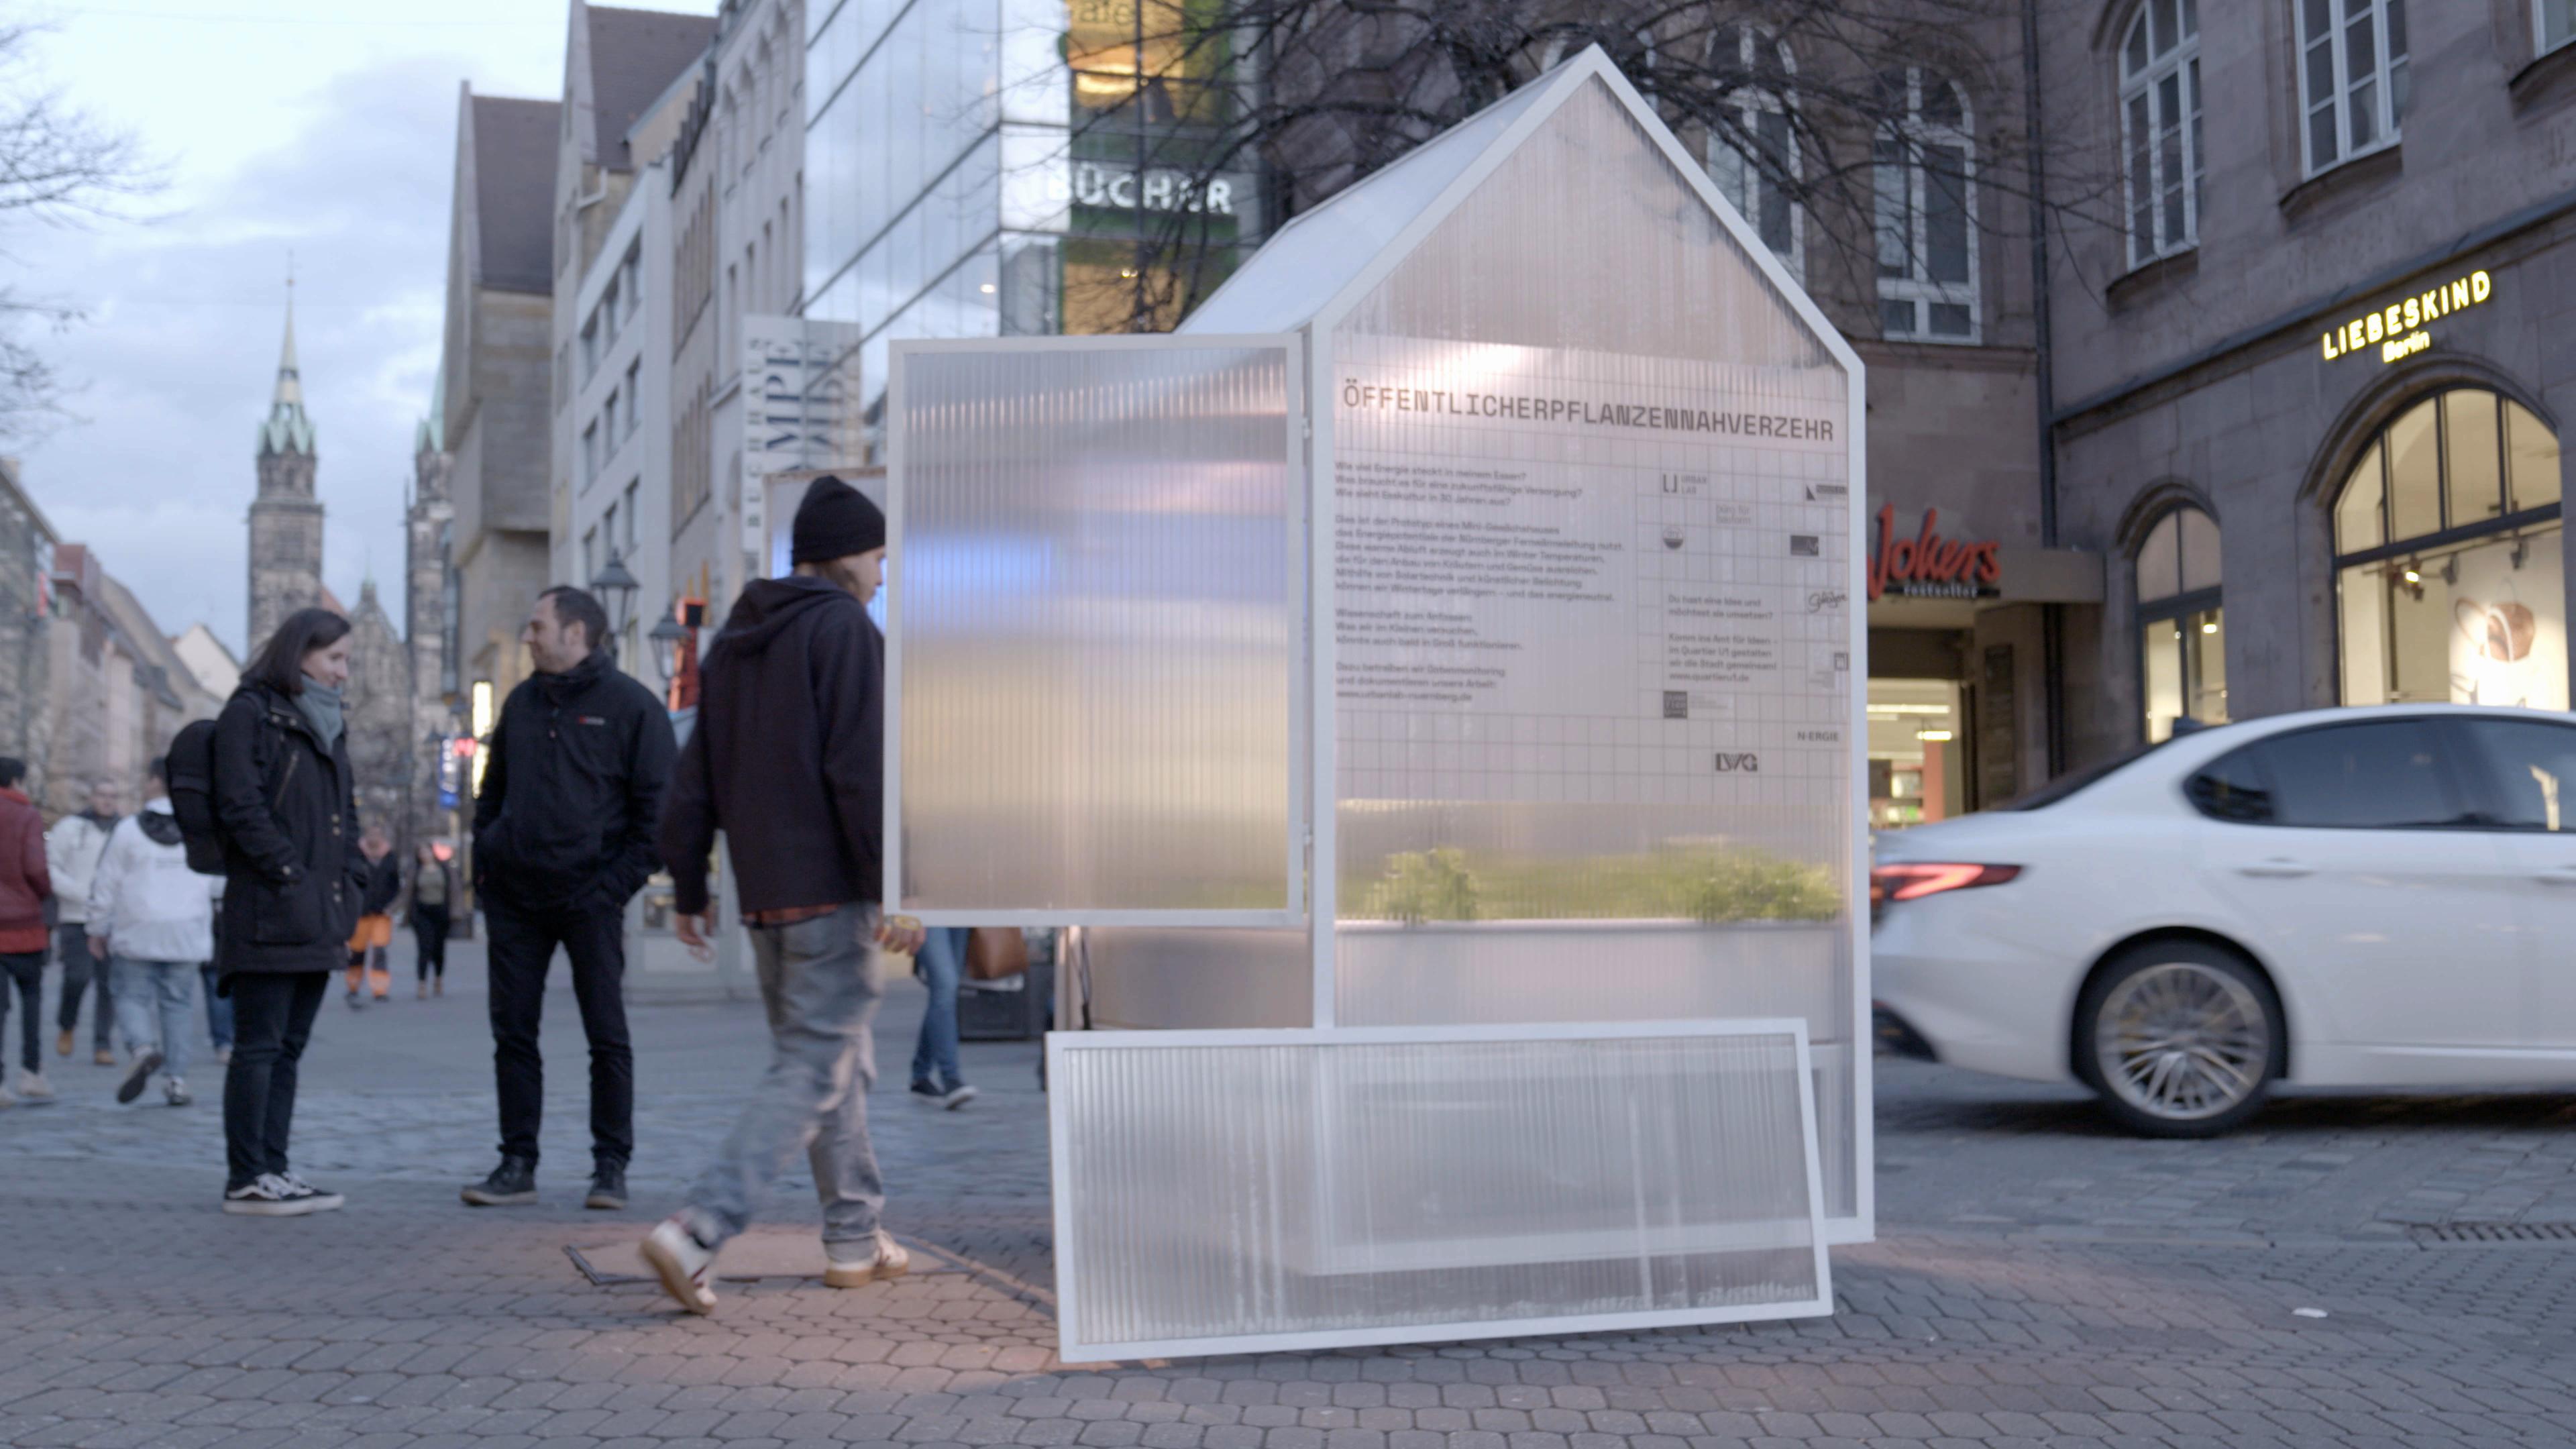 Das Gewächshaus des Urban Lab in der Nürnberger Innenstadt